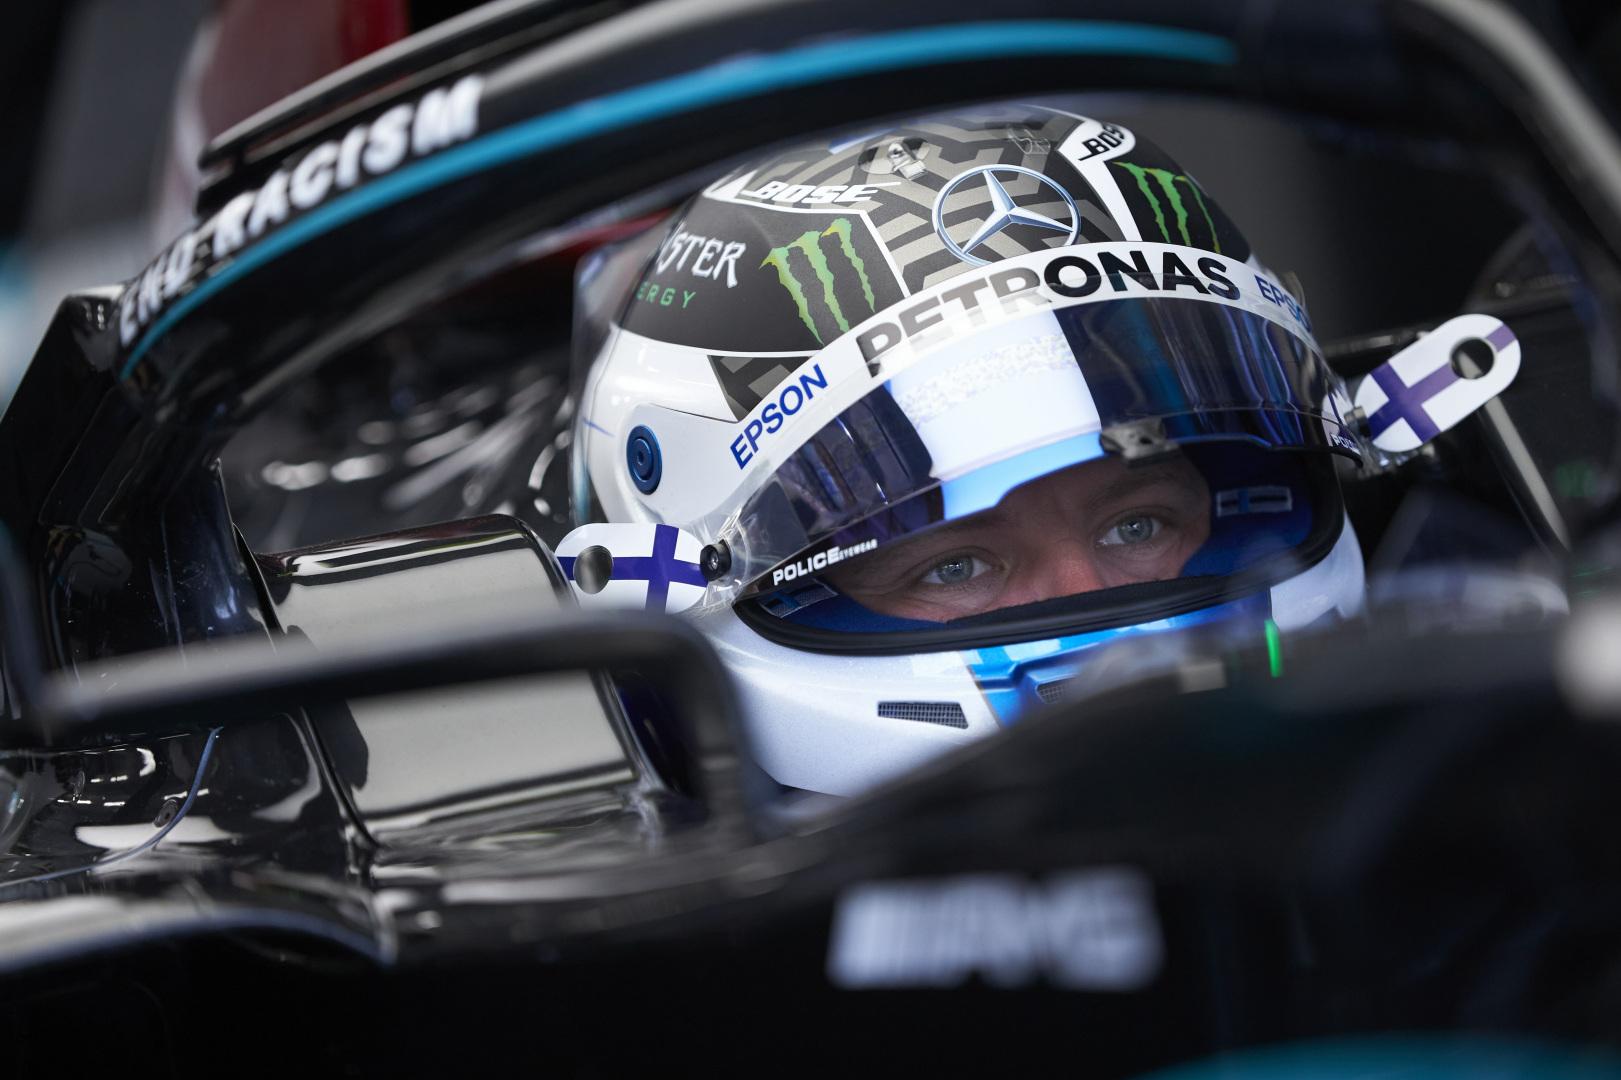 """F1 - Valtteri Bottas devra utiliser des """"jeux psychologiques"""" pour battre Hamilton cette année selon Hill"""